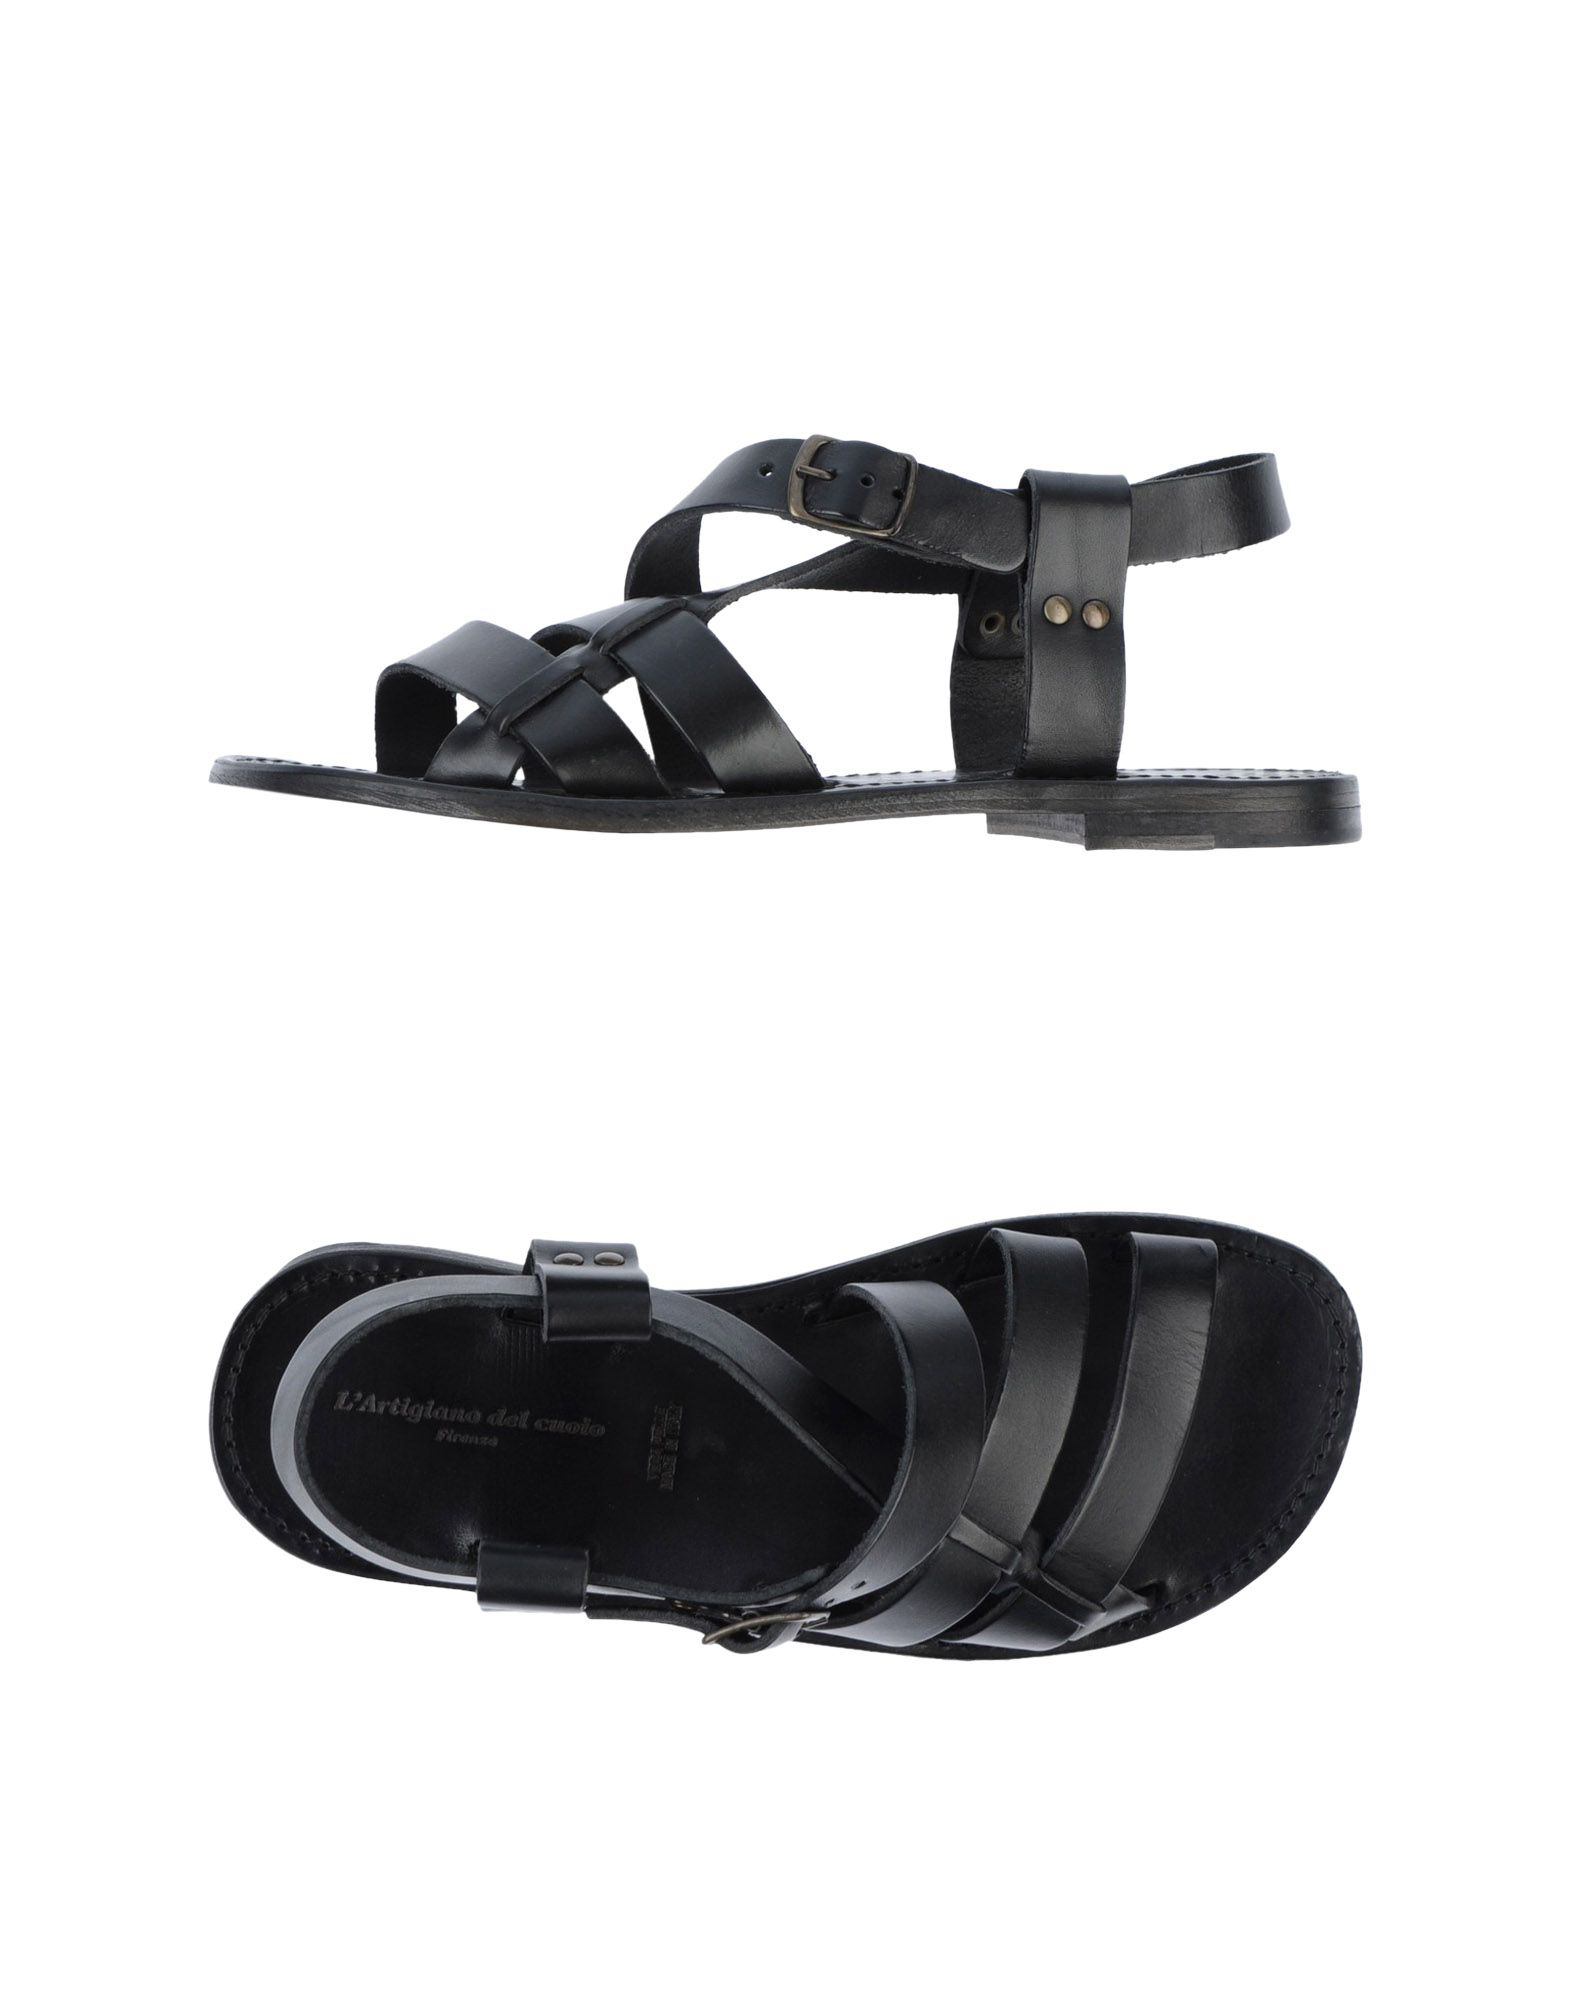 Rabatt echte Schuhe L'artigiano Del Cuoio Sandalen Herren  44610830OR